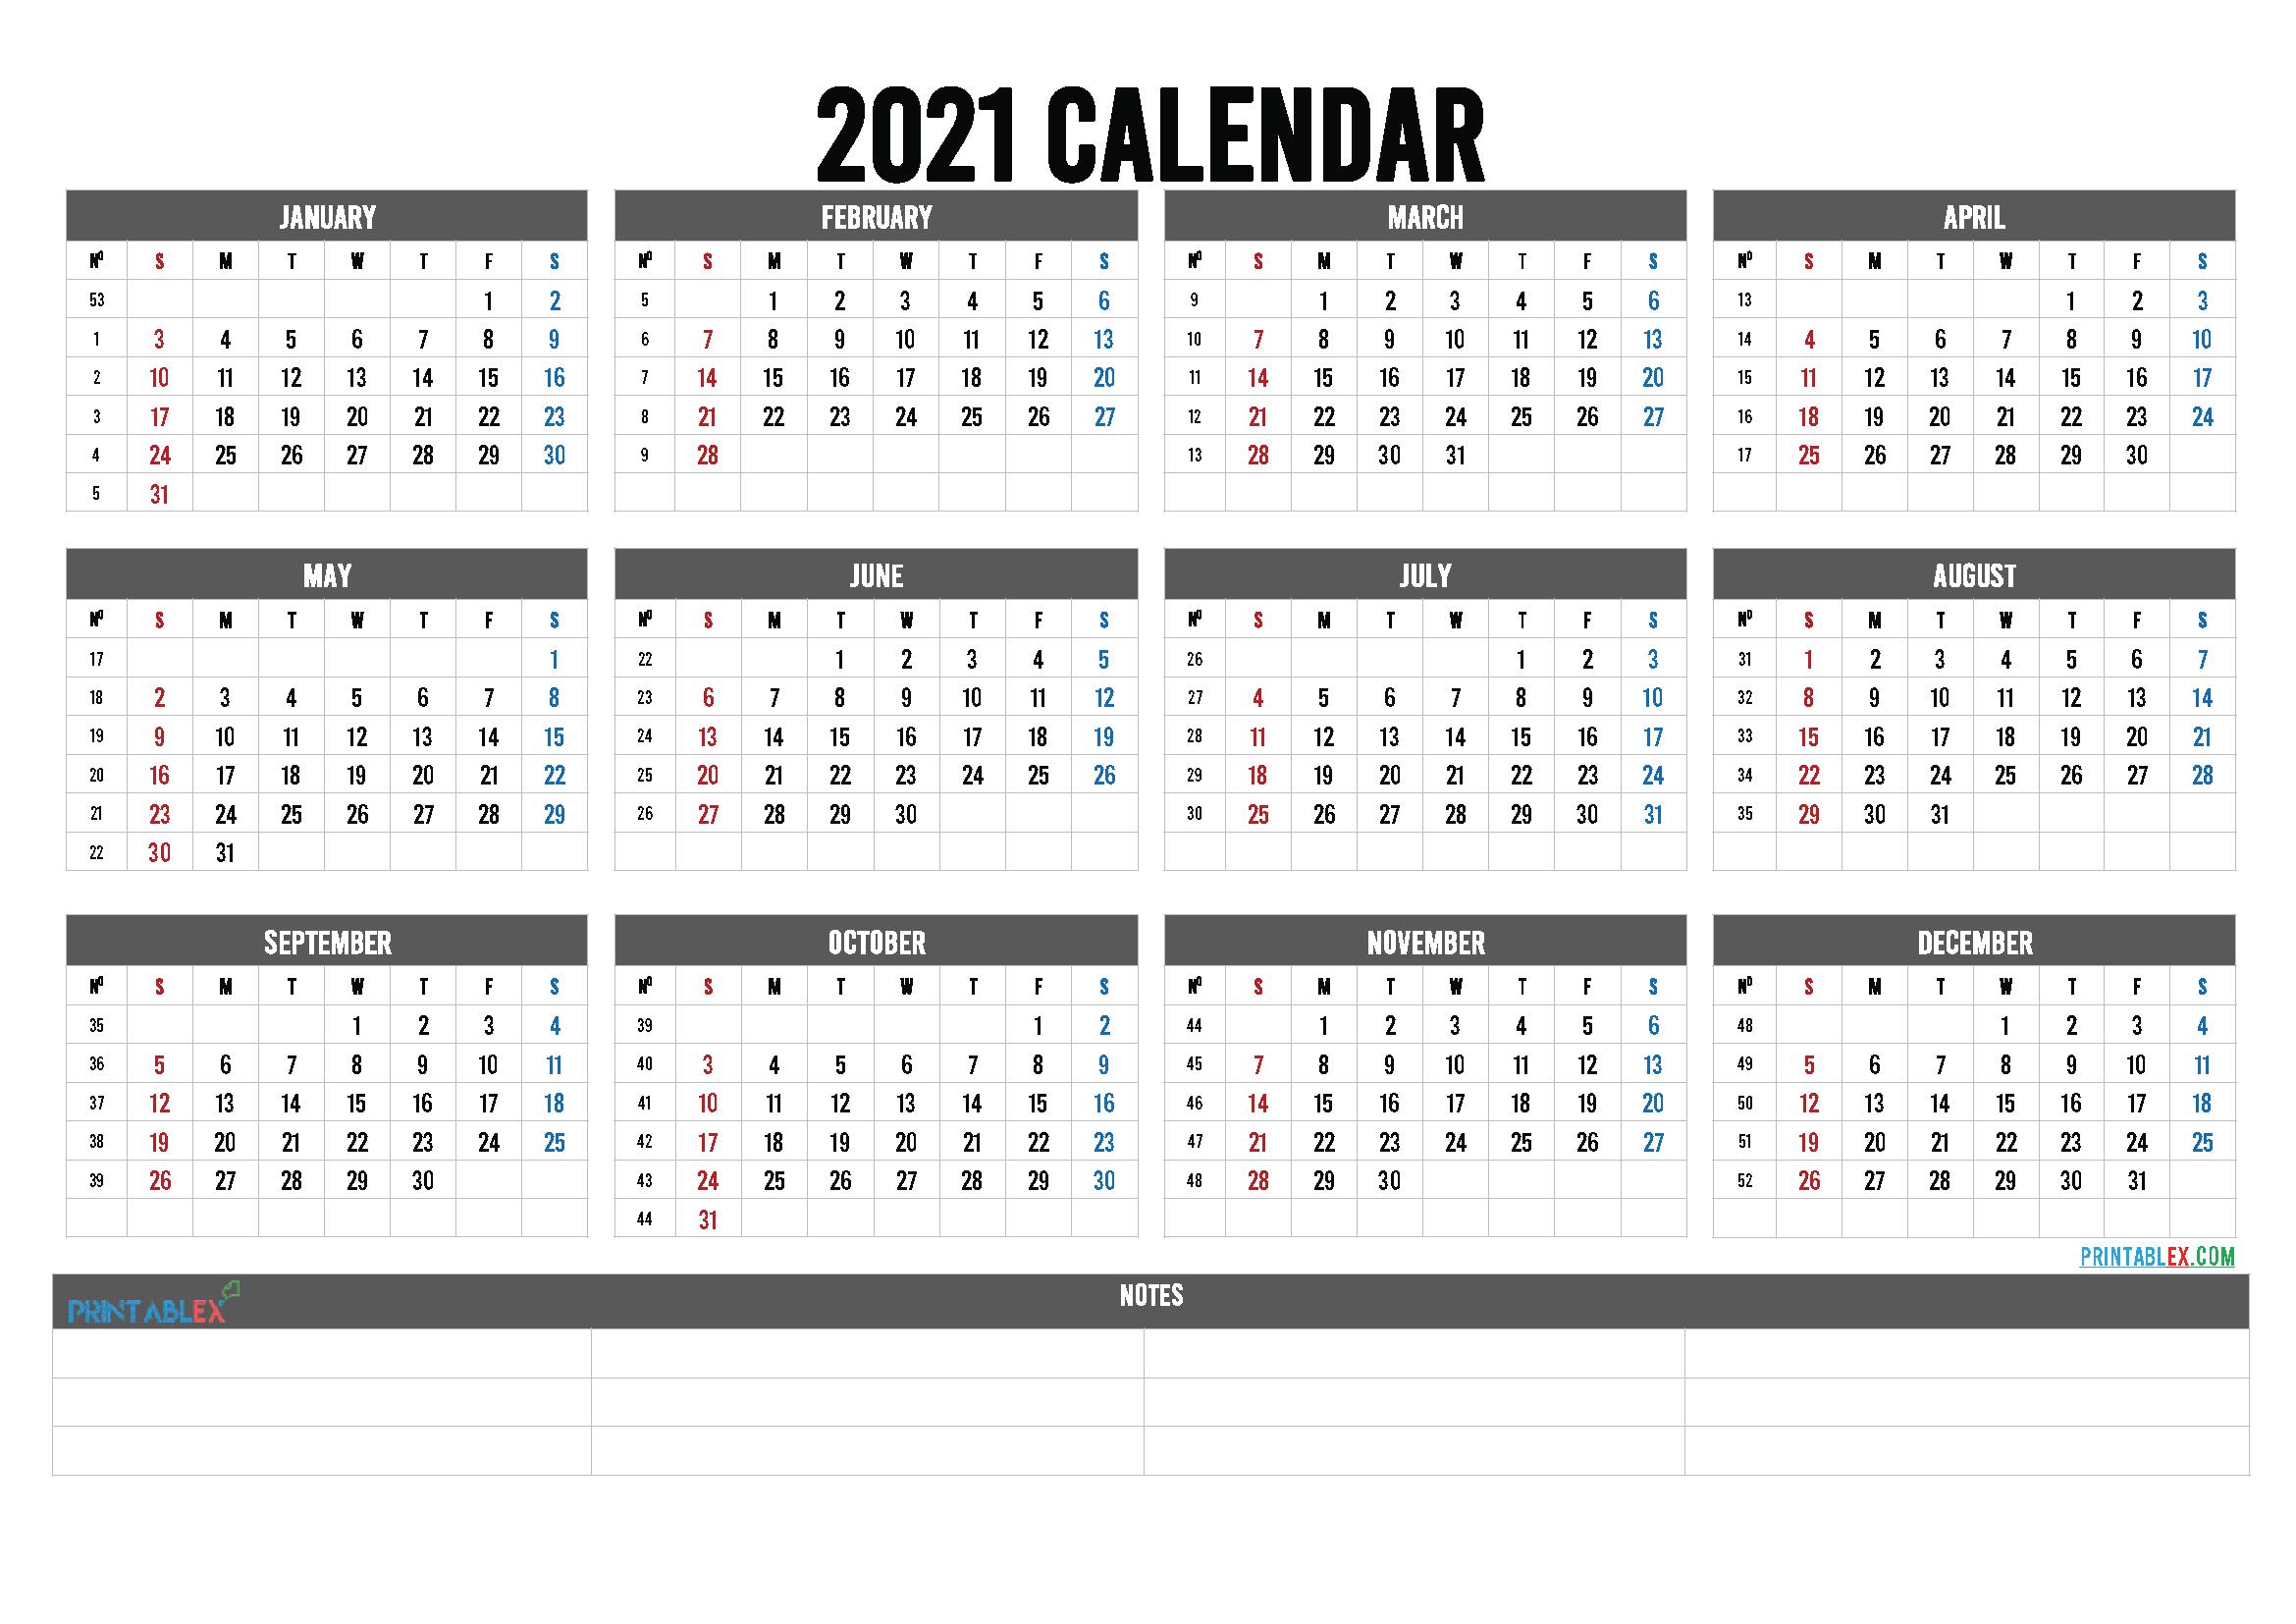 2021 Calendar With Week Numbers Printable – 6 Templates